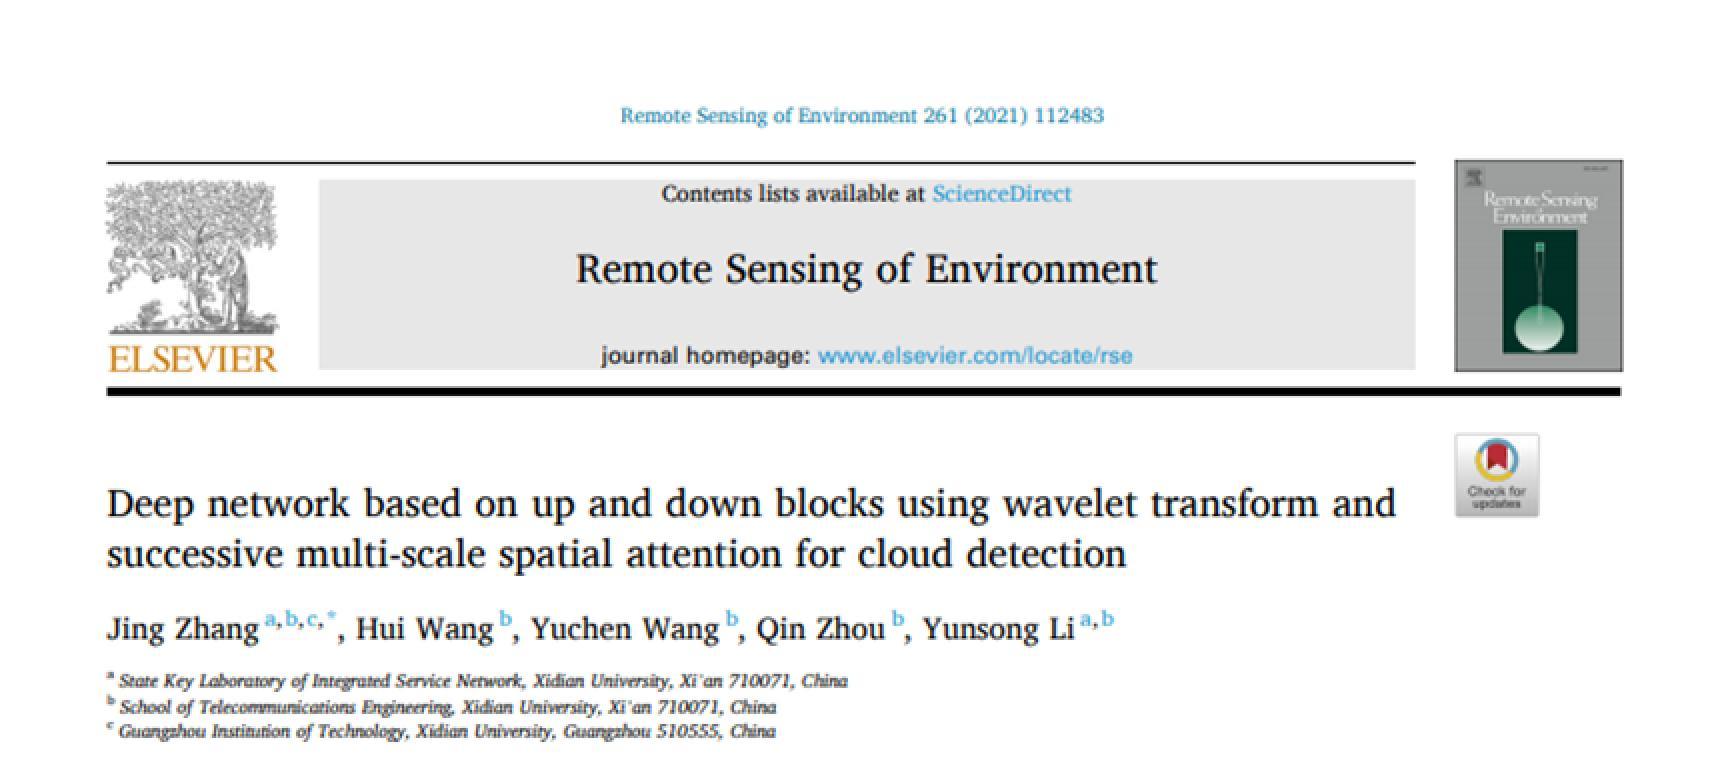 西电首次在遥感国际顶级期刊RSE发表论文